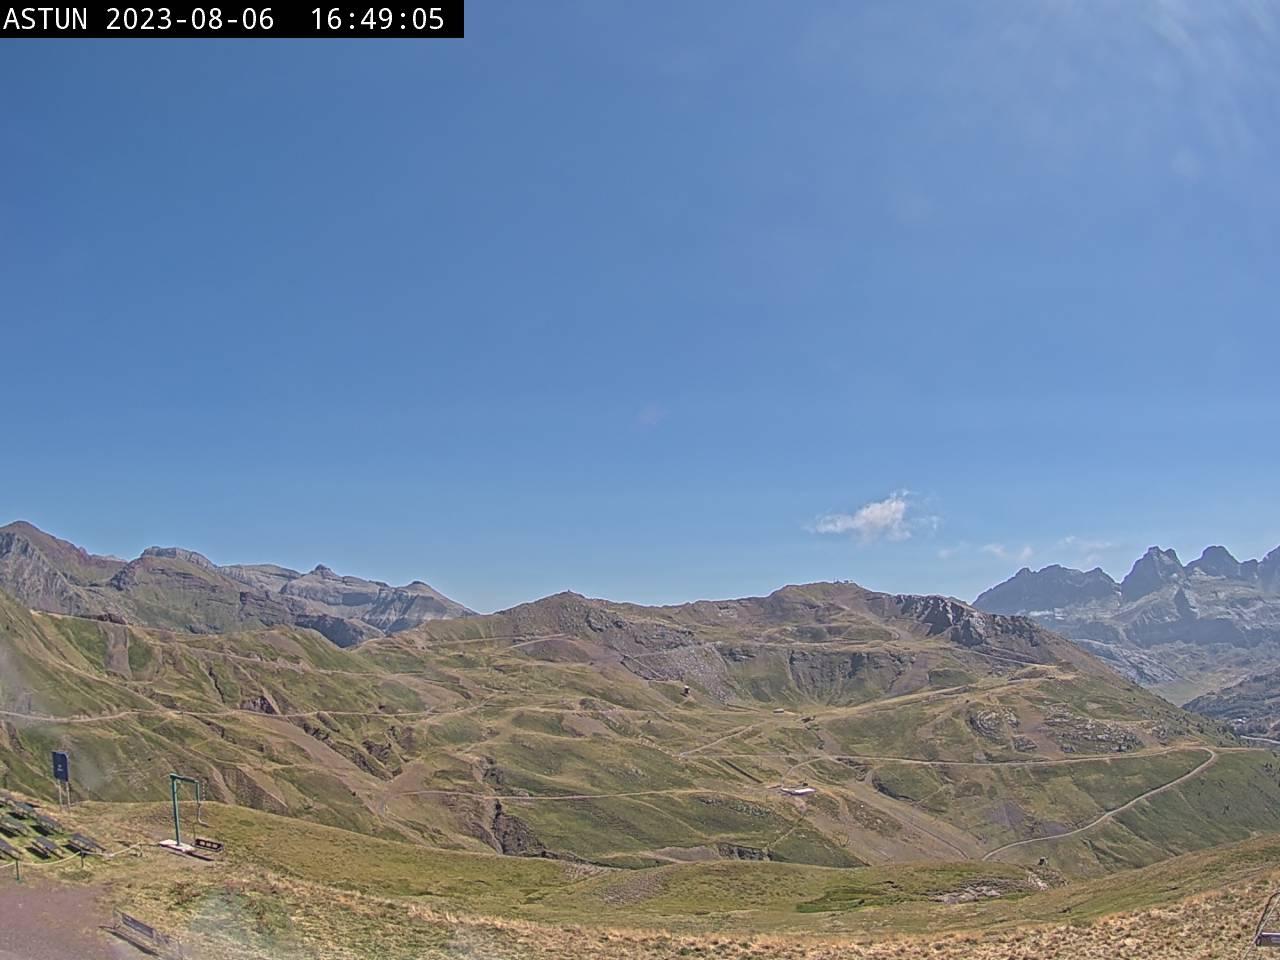 Webcams de Astún (España)